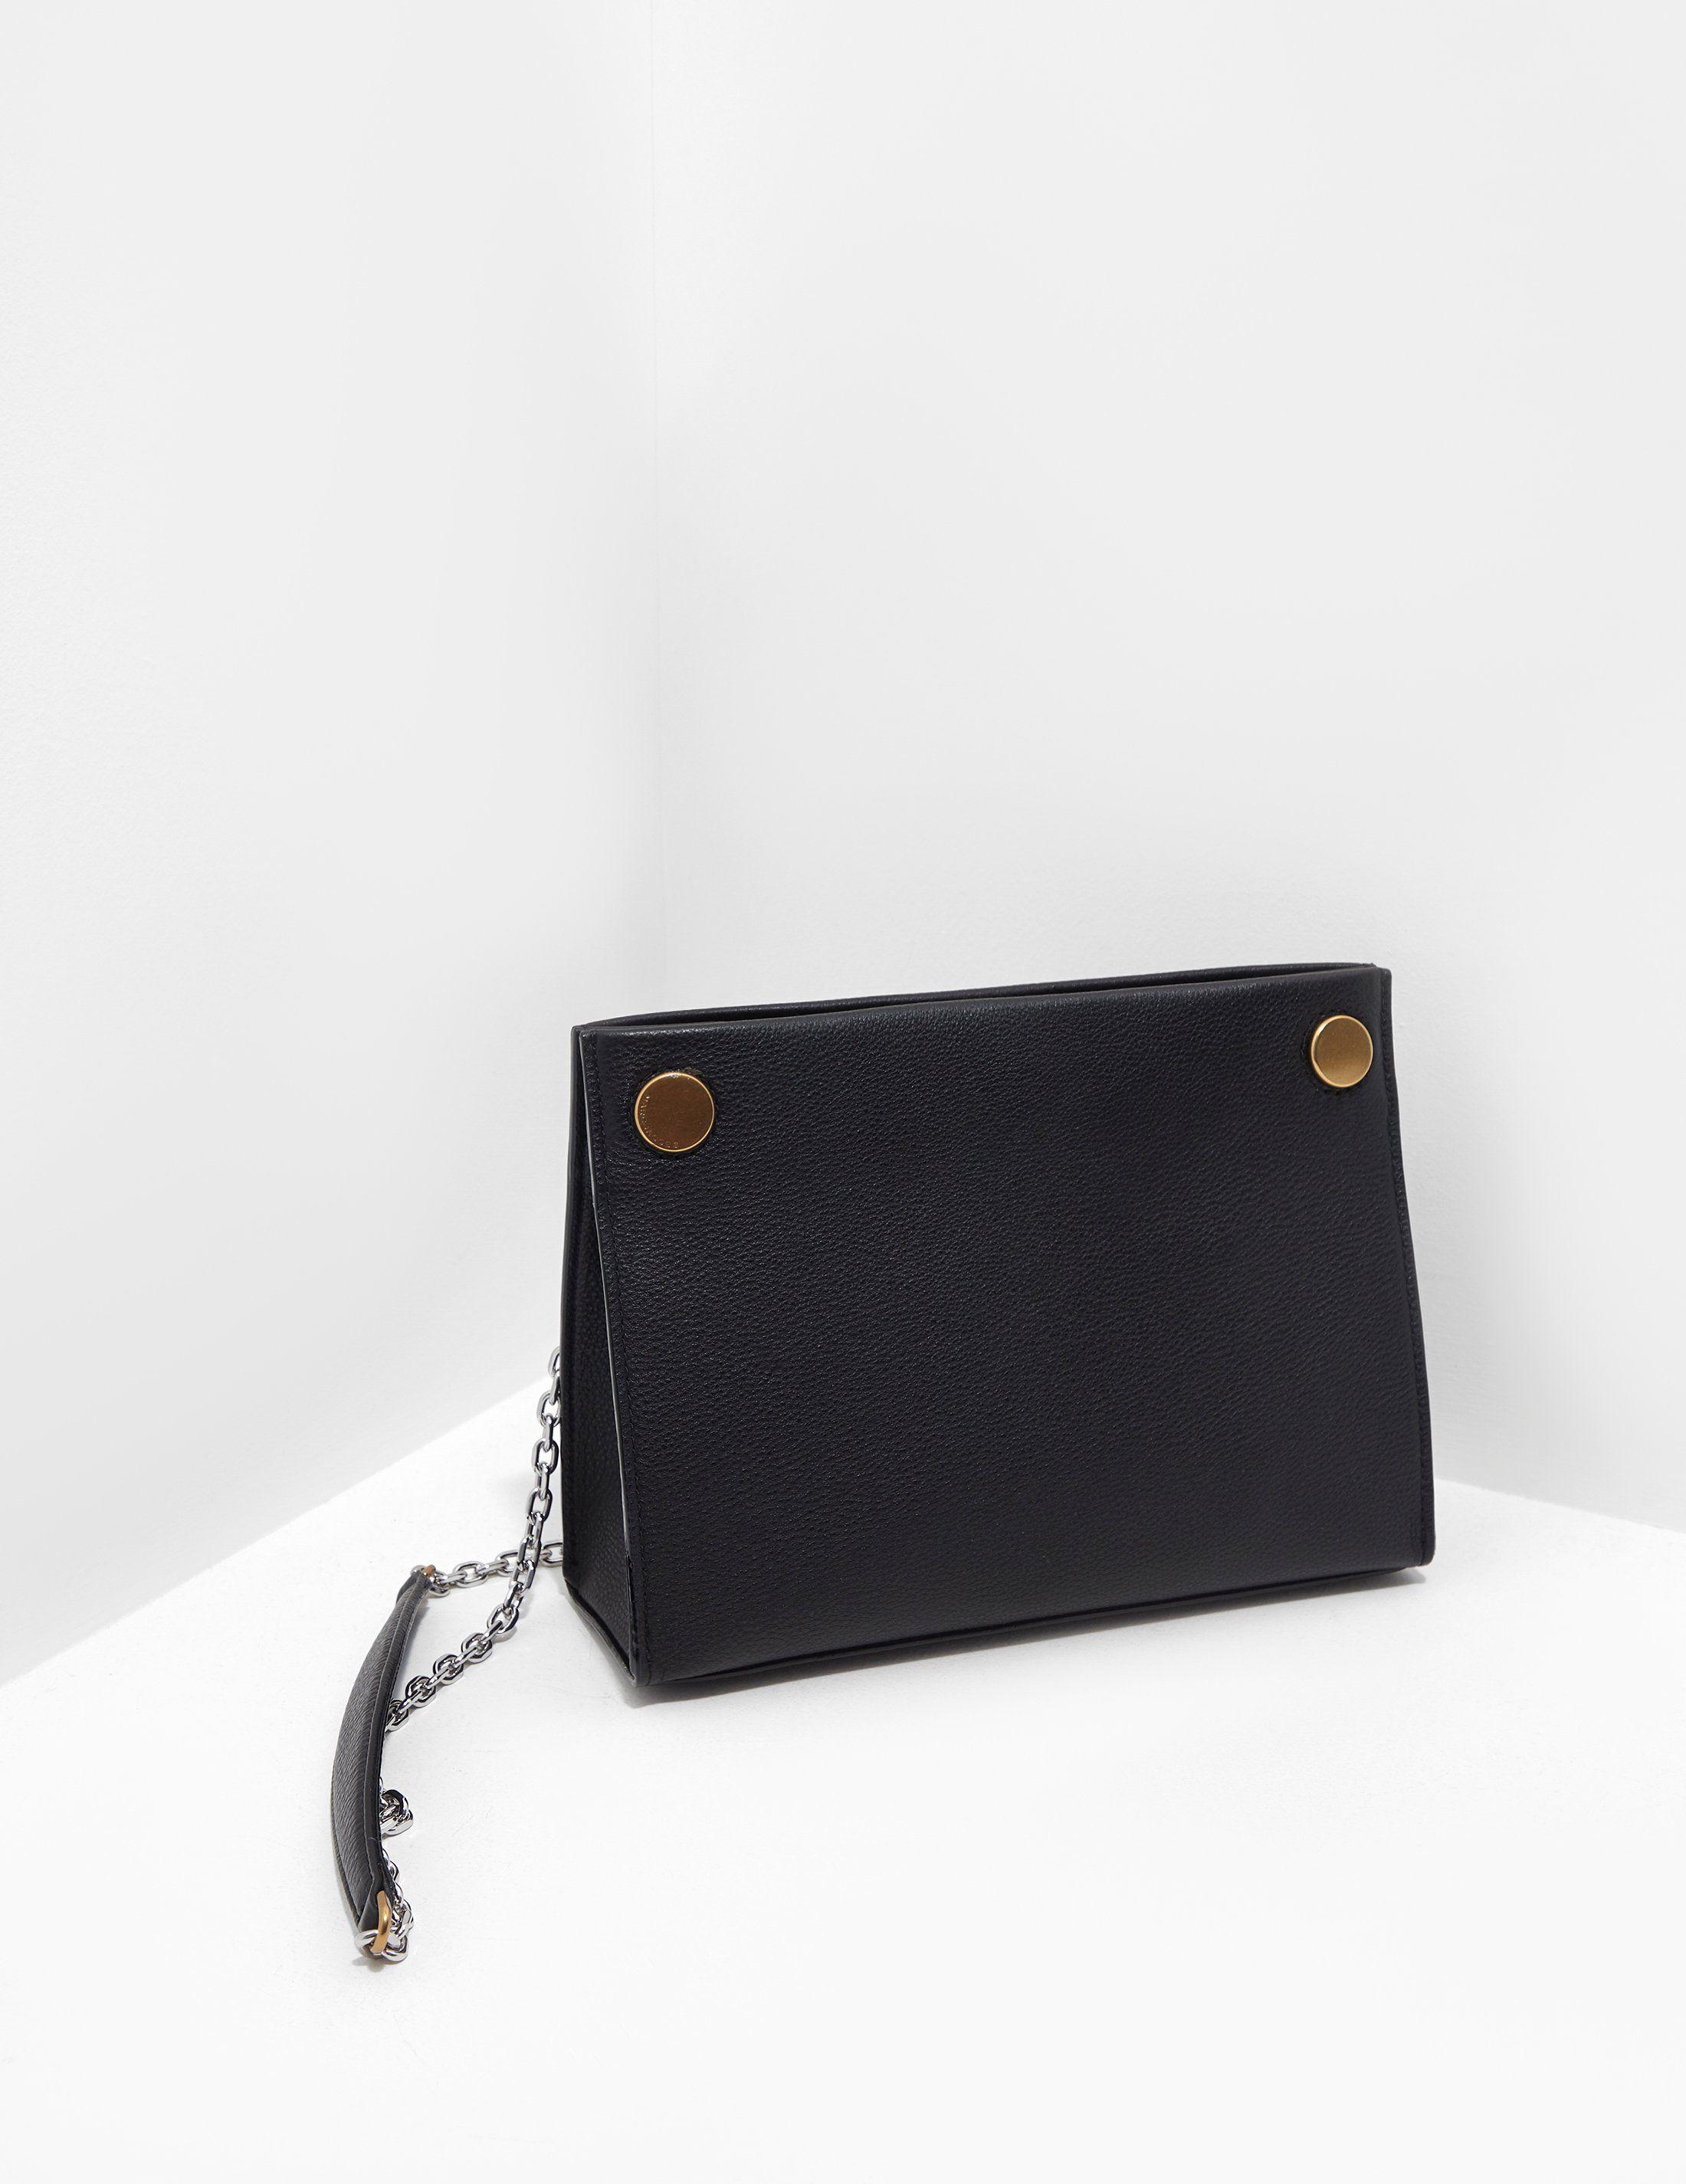 Marc Jacobs Double Chain Shoulder Bag